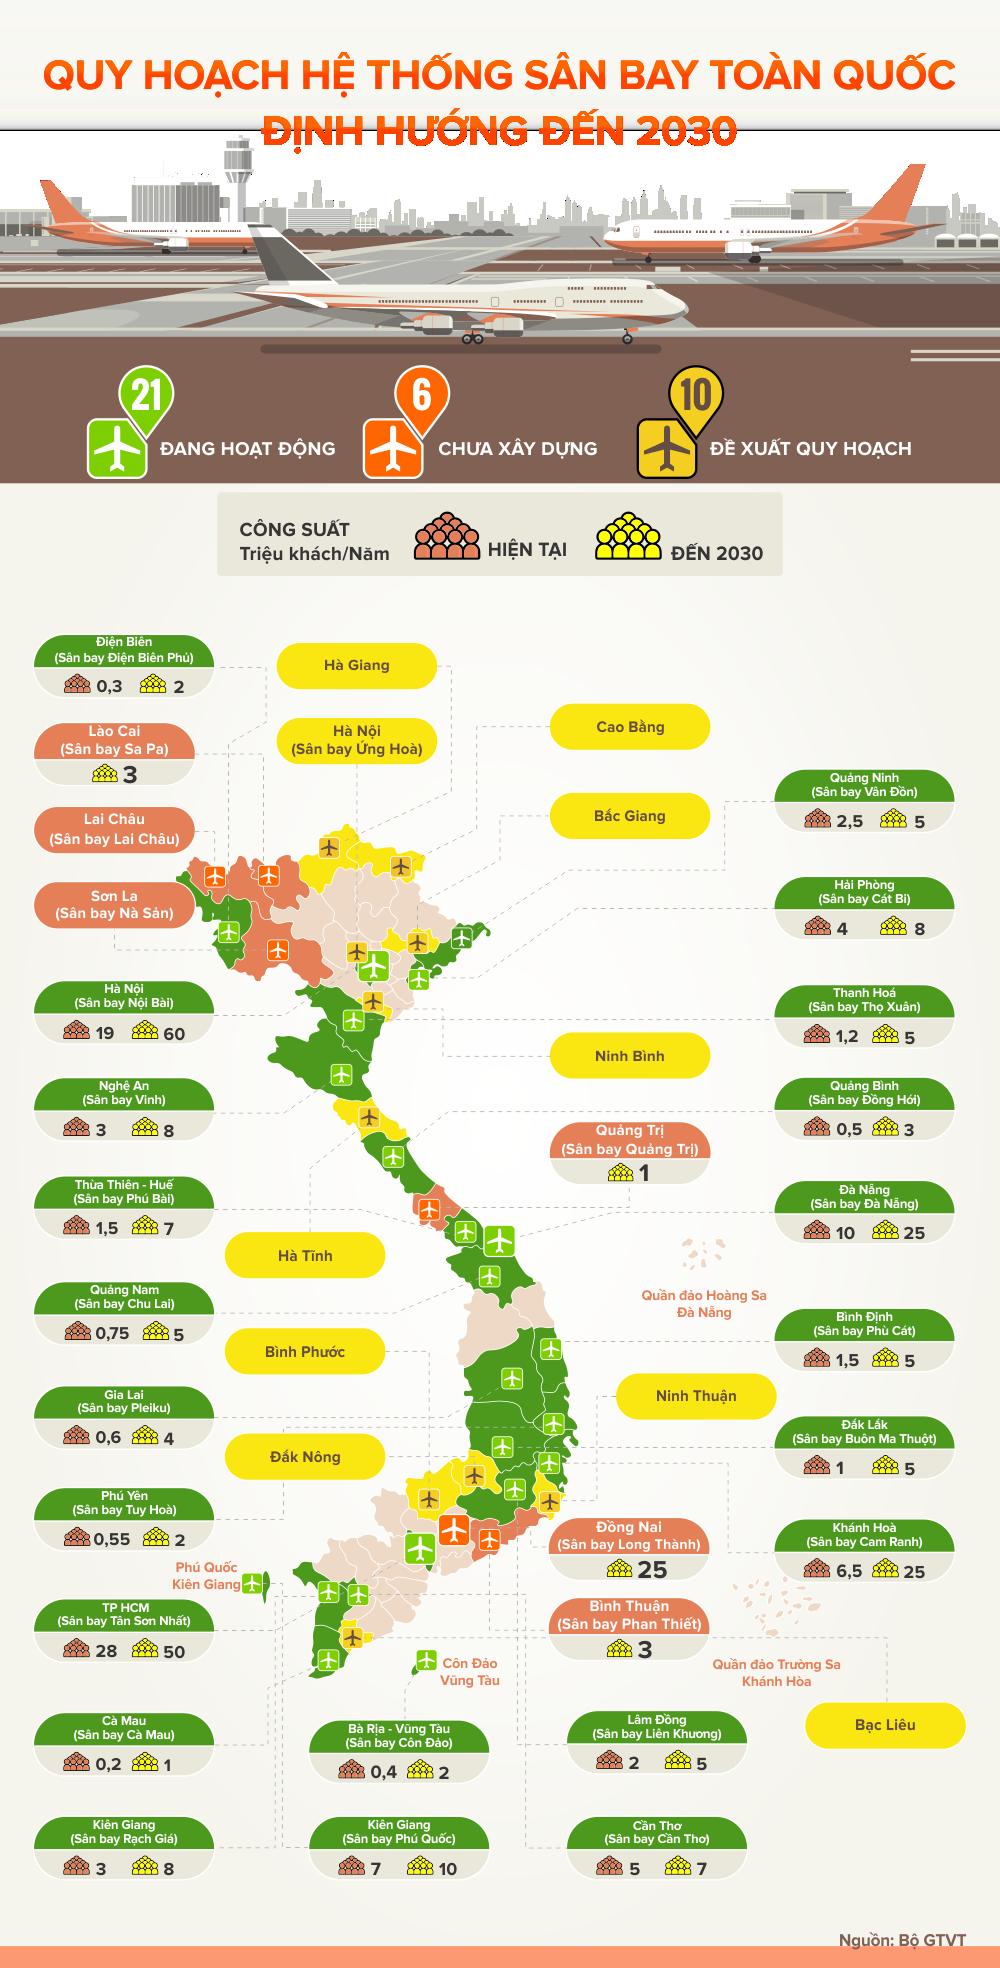 [Infographic] Toàn cảnh 38 sân bay hiện hữu và đề xuất quy hoạch trên cả nước đến năm 2030 - Ảnh 1.